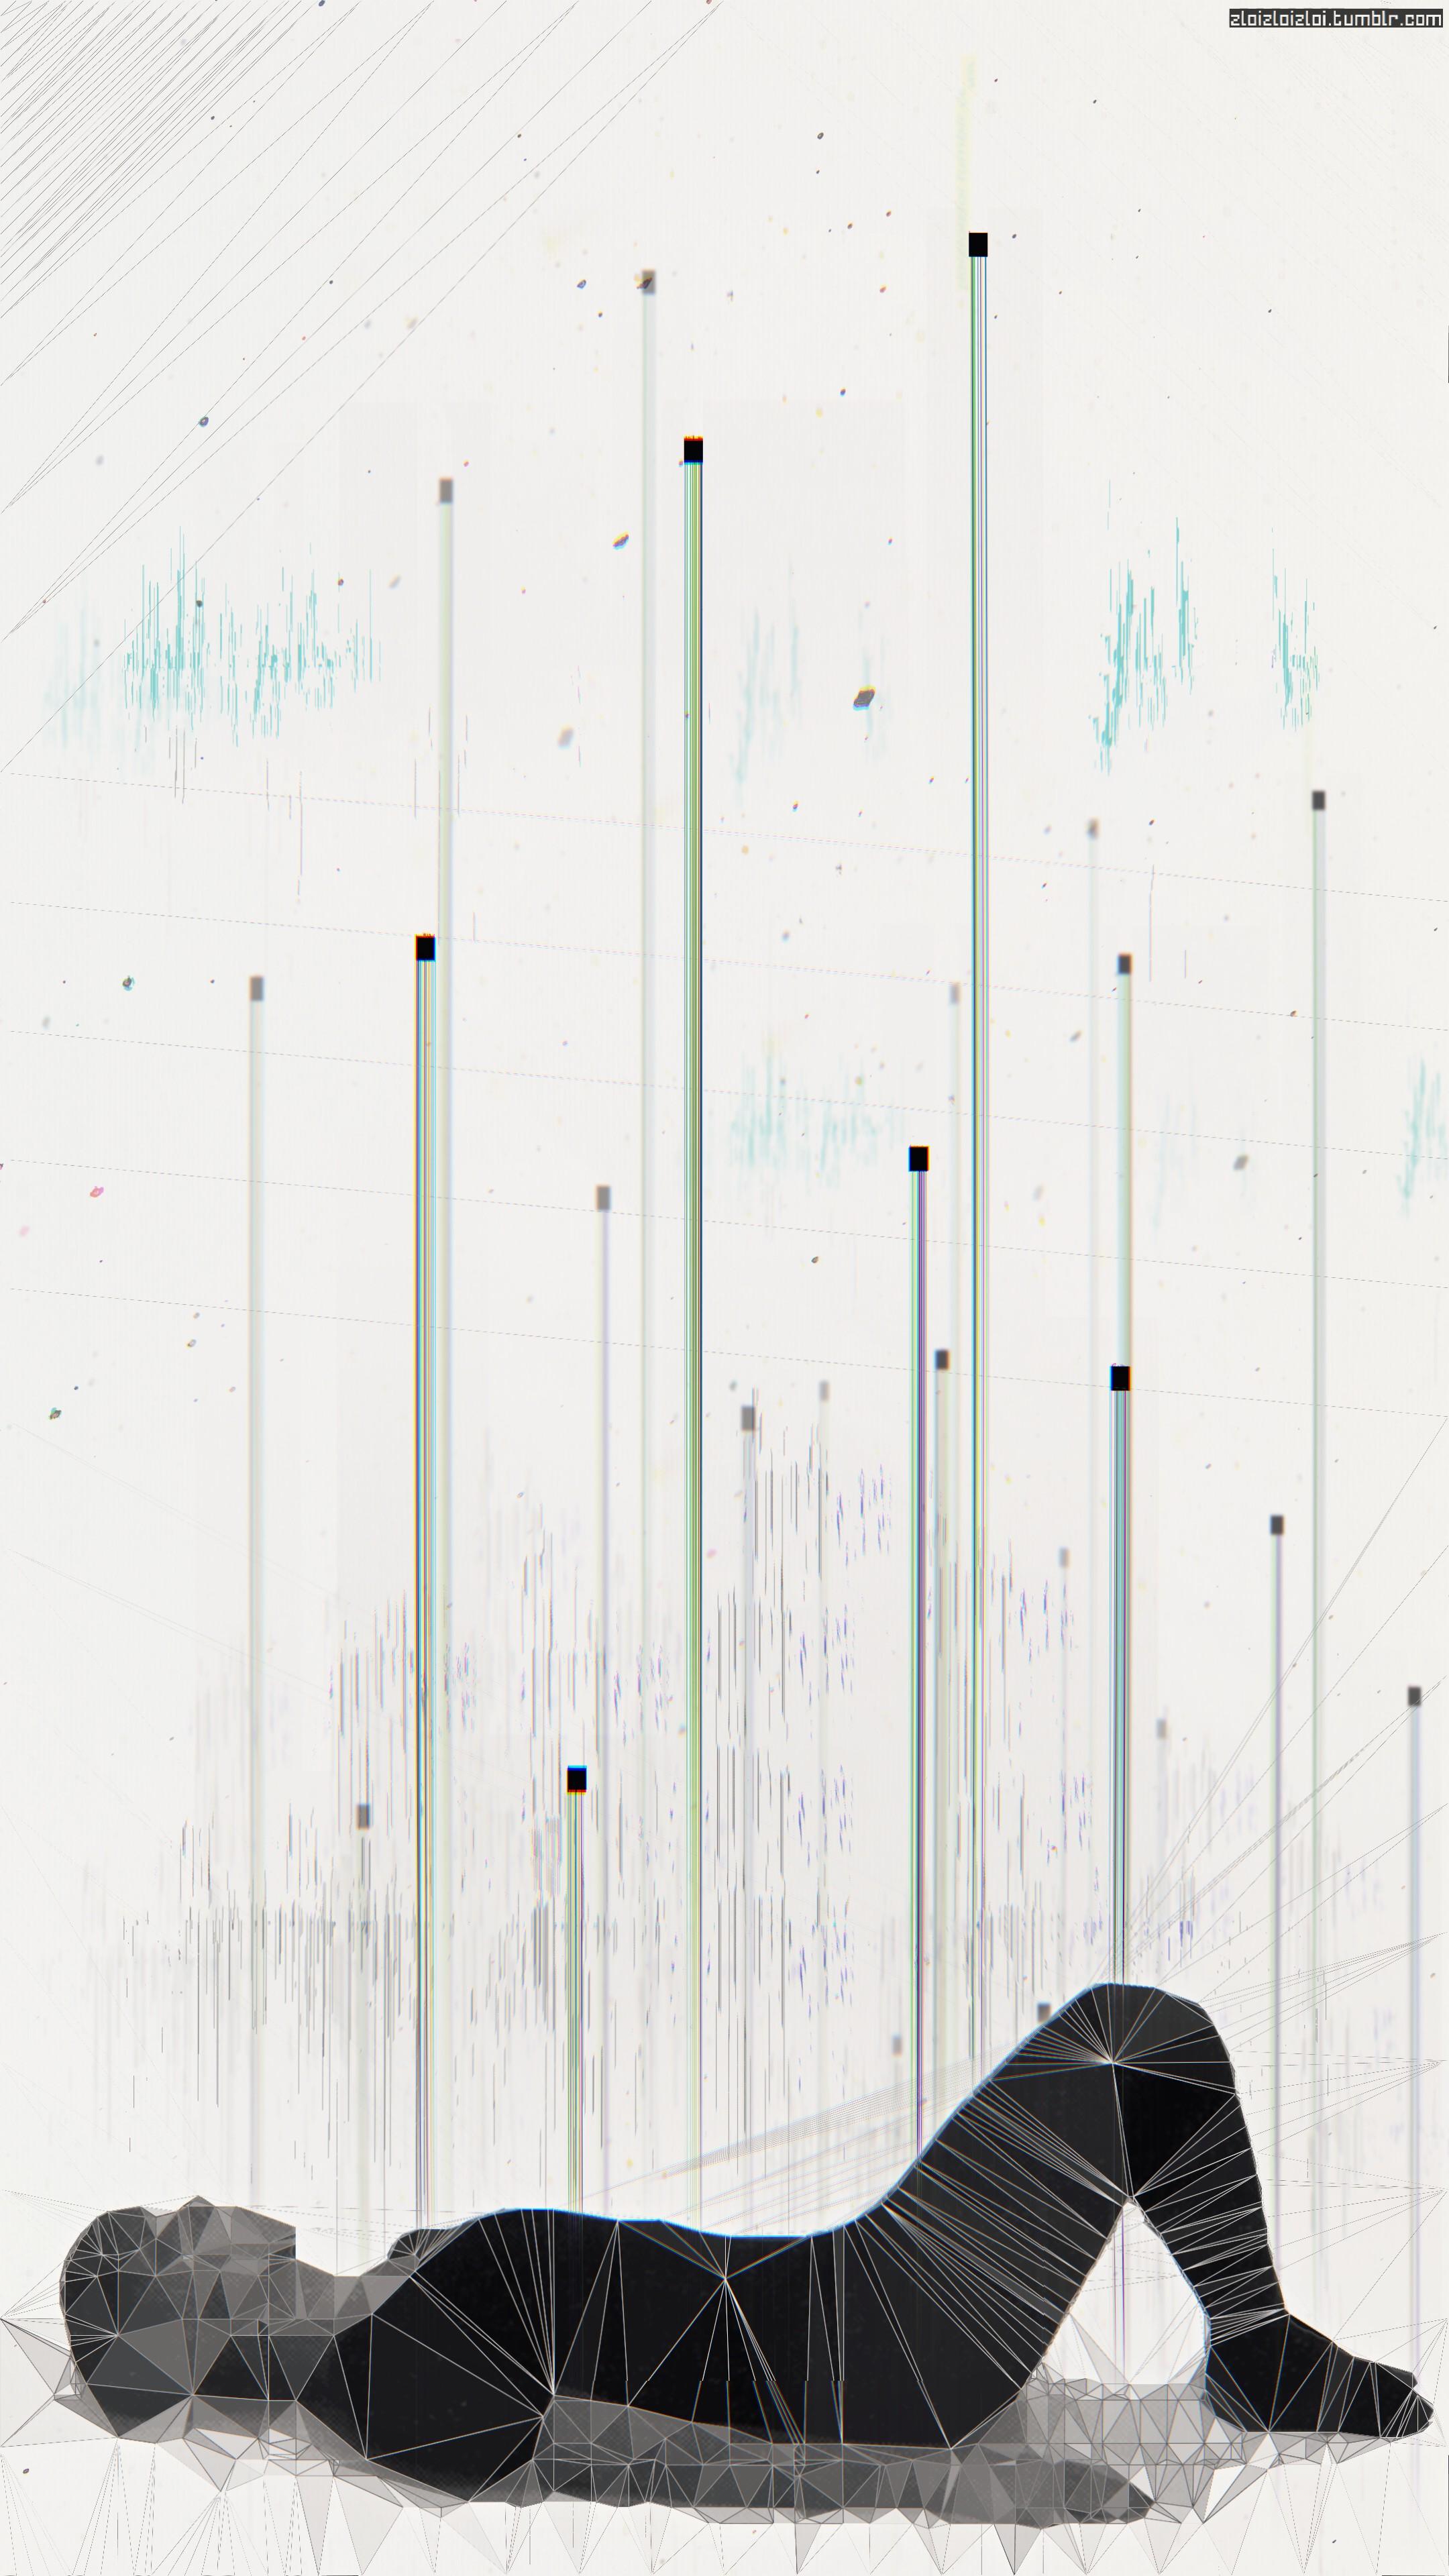 Wallpaper 2160x3840 px abstract cyberpunk glitch art - Art wallpaper 2160x3840 ...